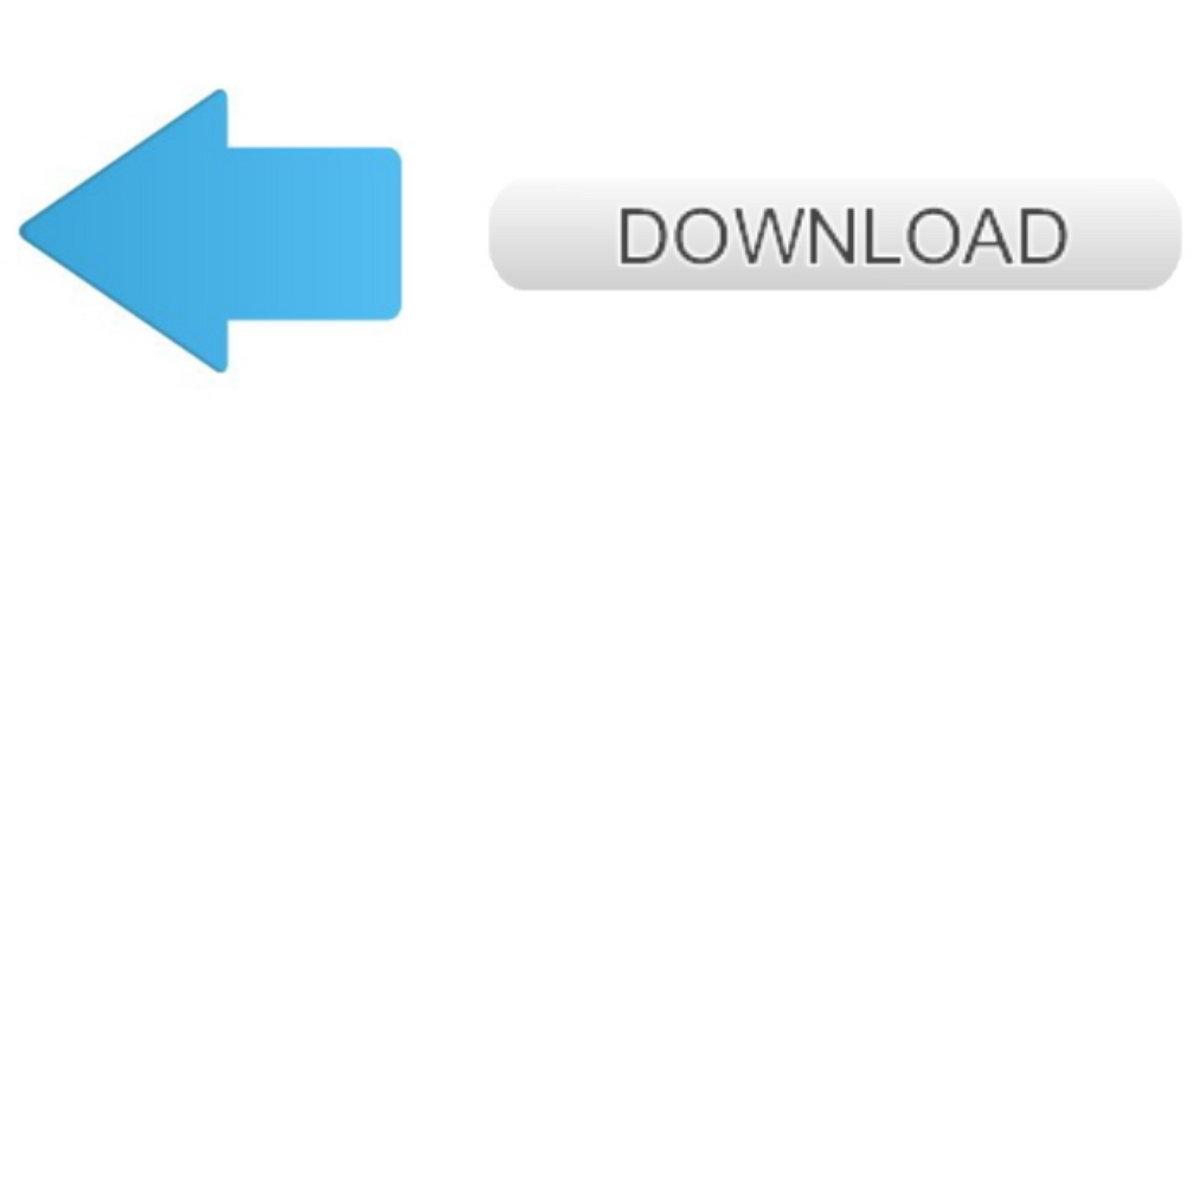 Abbyy Finereader 11 Keygen Free Download